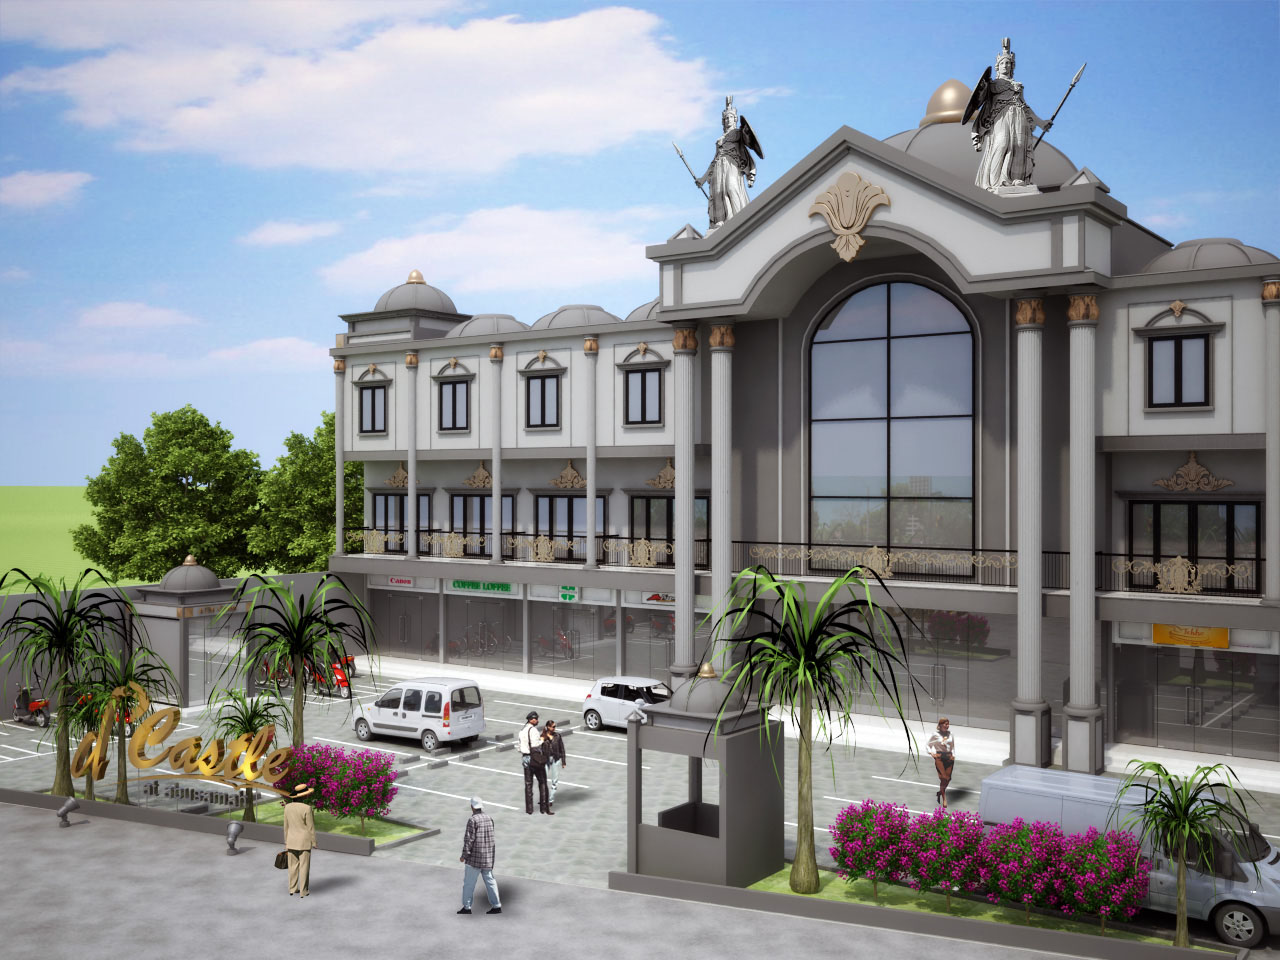 dcastle-facade-view-4-revisi.jpg